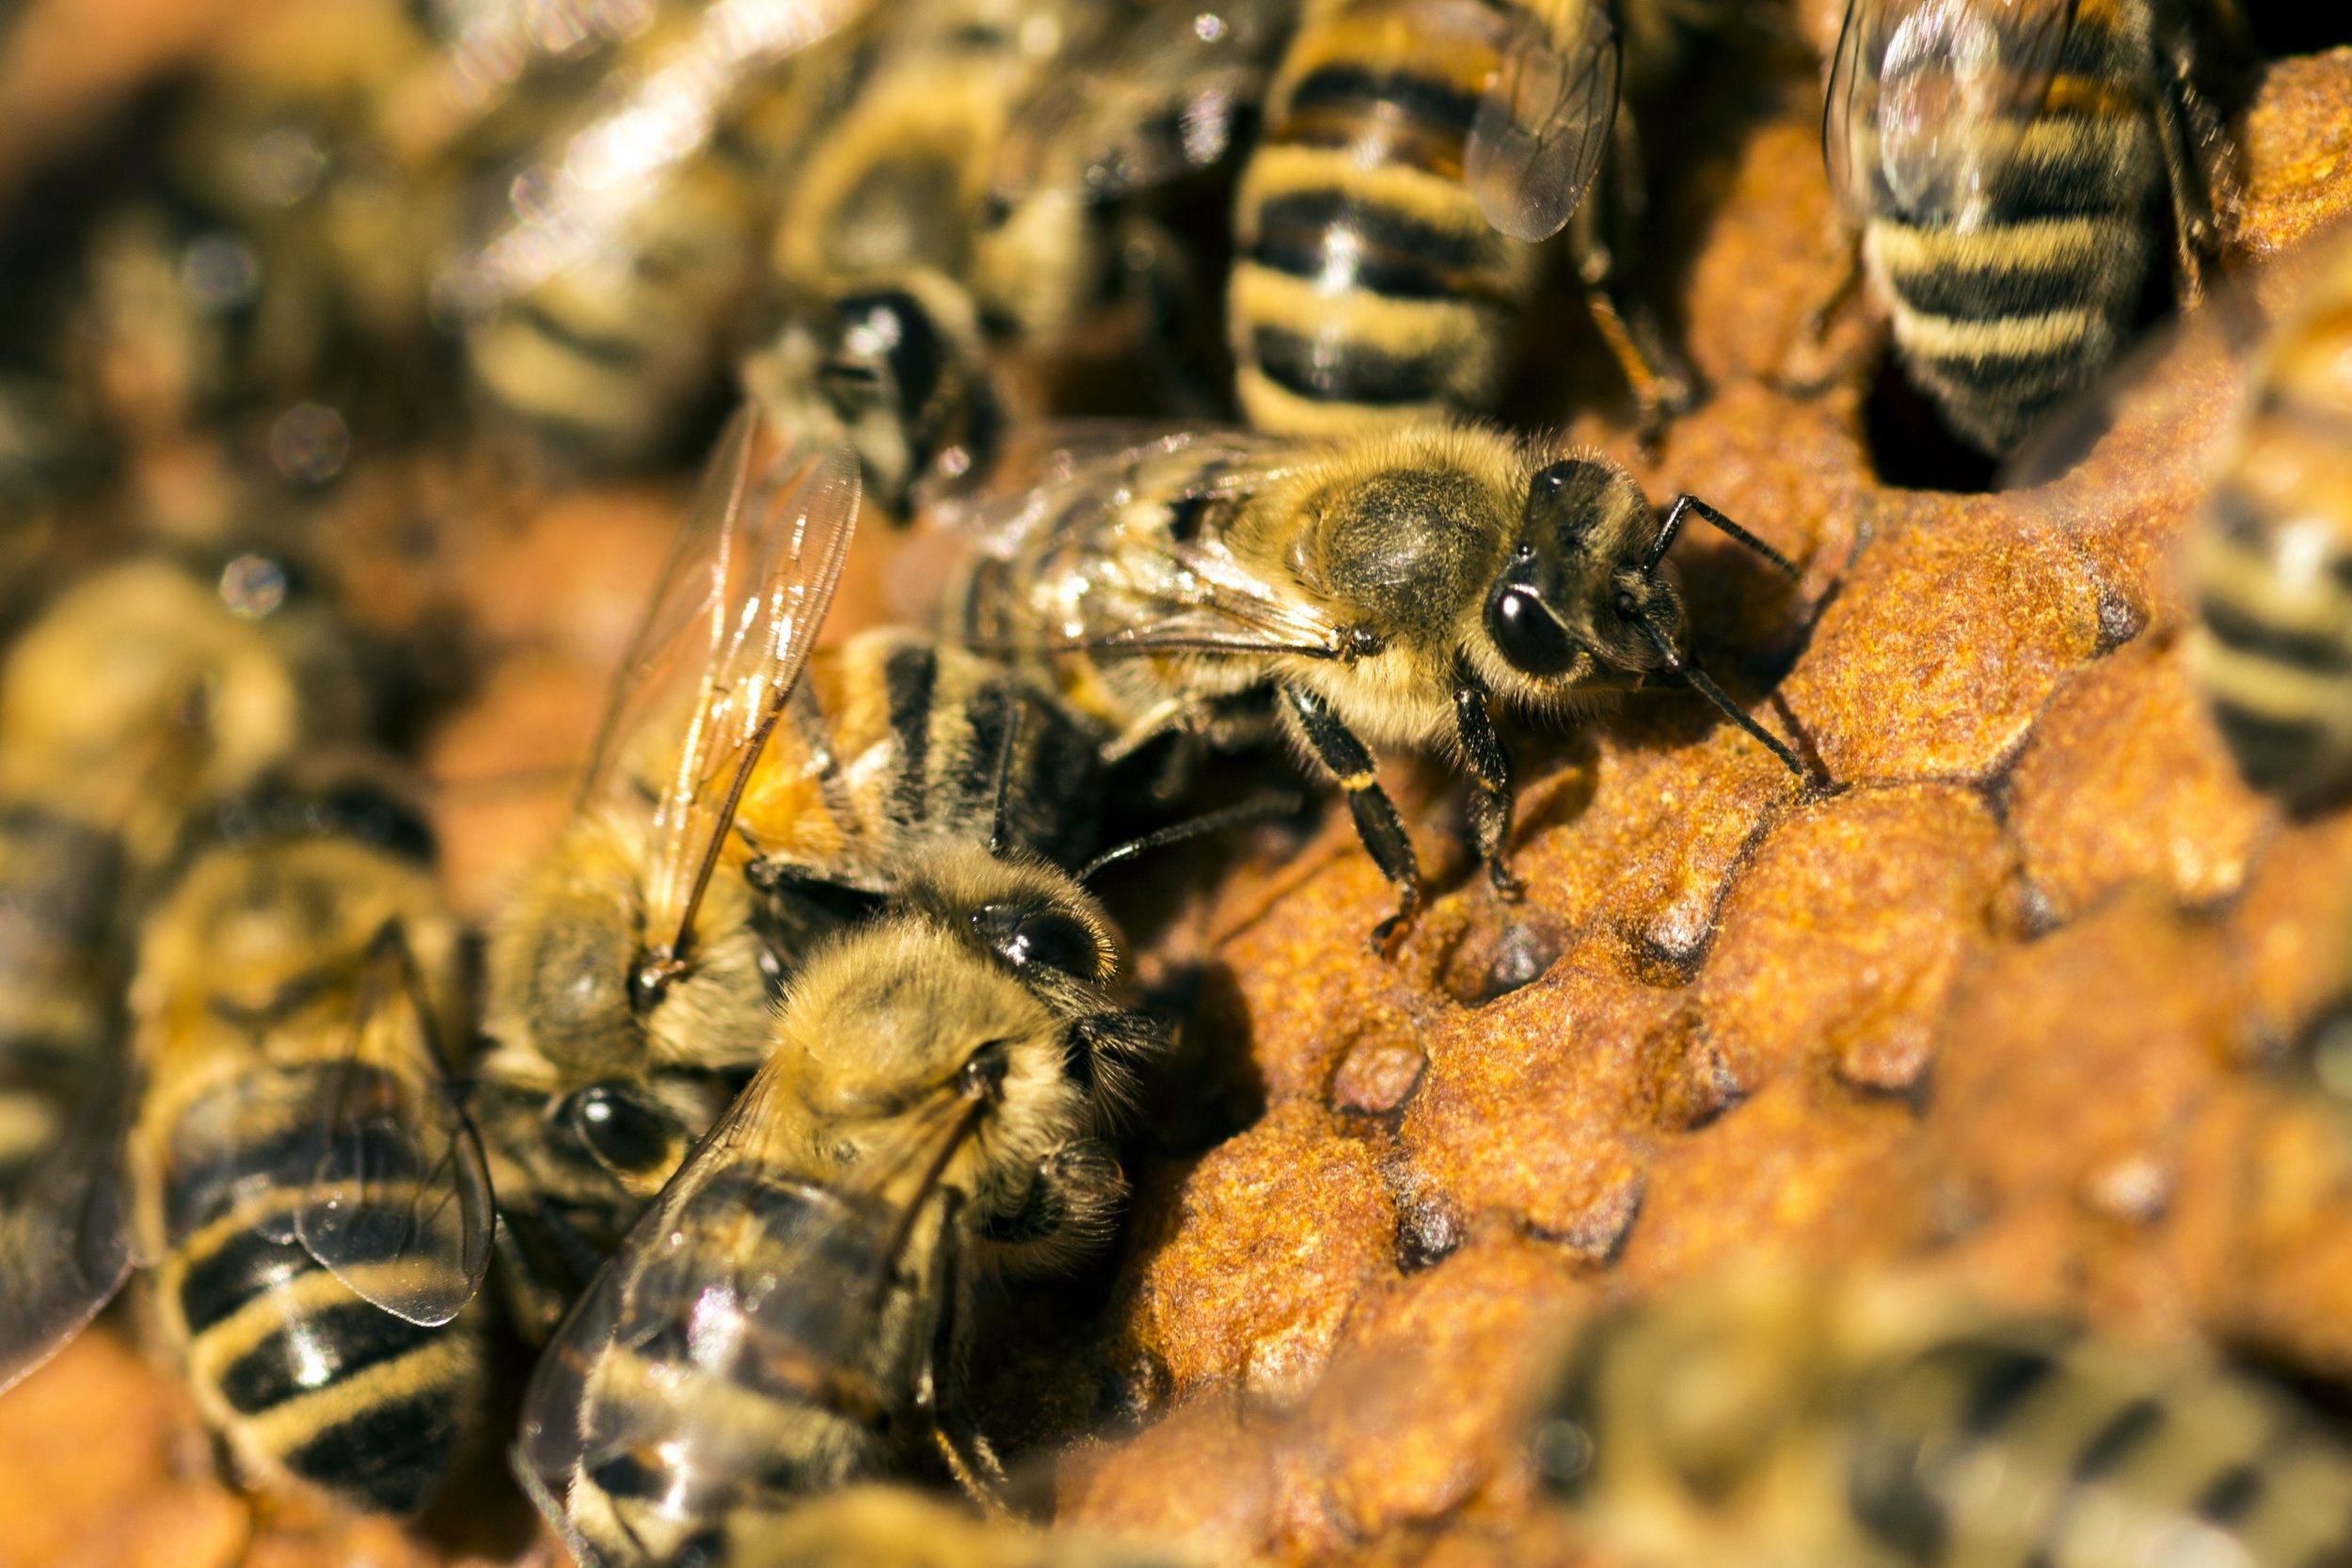 Bees tending their brood.